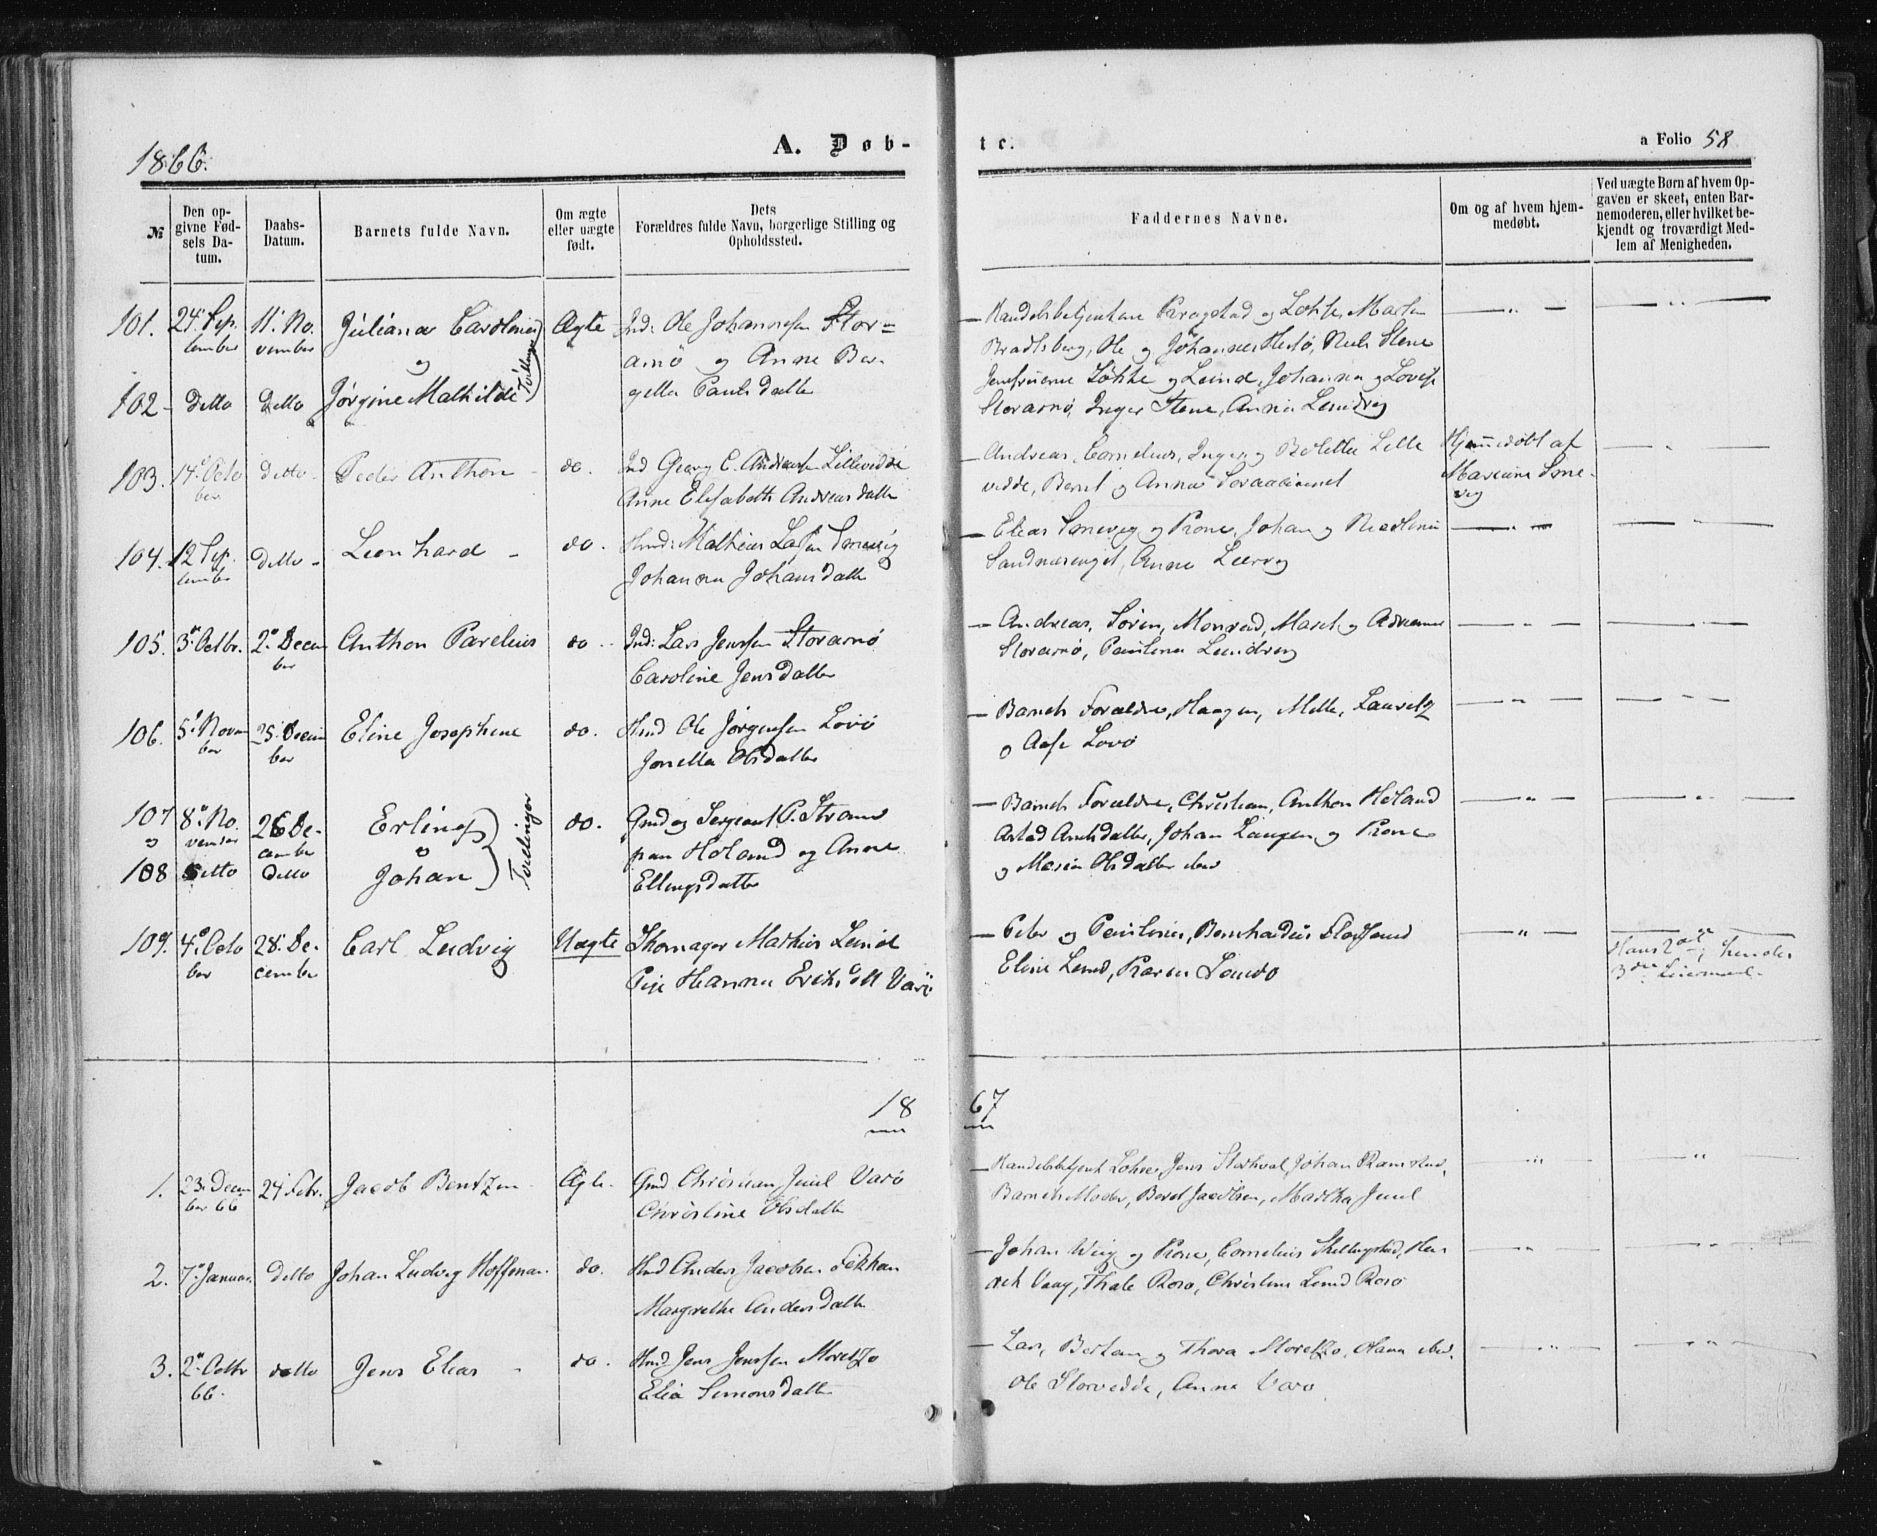 SAT, Ministerialprotokoller, klokkerbøker og fødselsregistre - Nord-Trøndelag, 784/L0670: Ministerialbok nr. 784A05, 1860-1876, s. 58